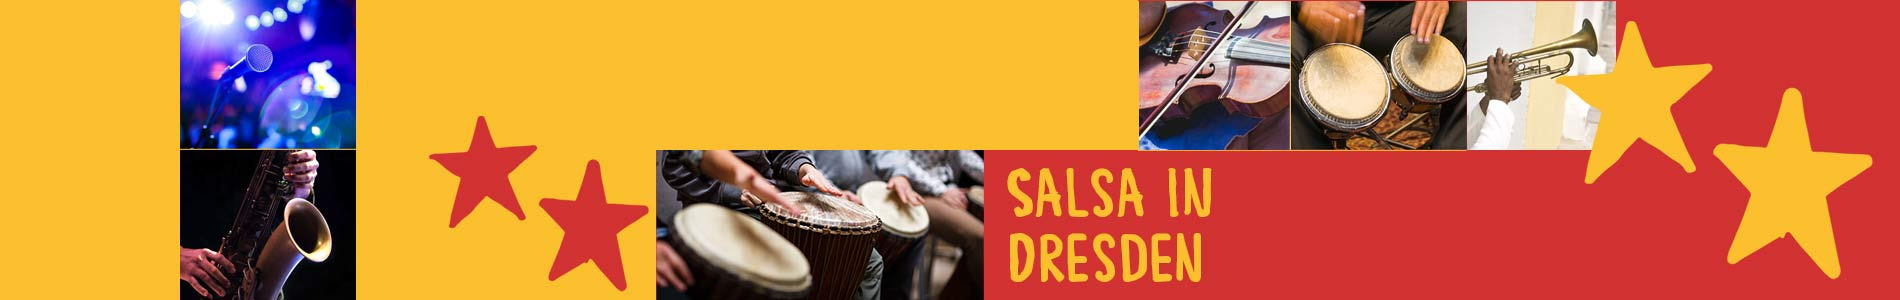 Salsa in Dresden – Salsa lernen und tanzen, Tanzkurse, Partys, Veranstaltungen